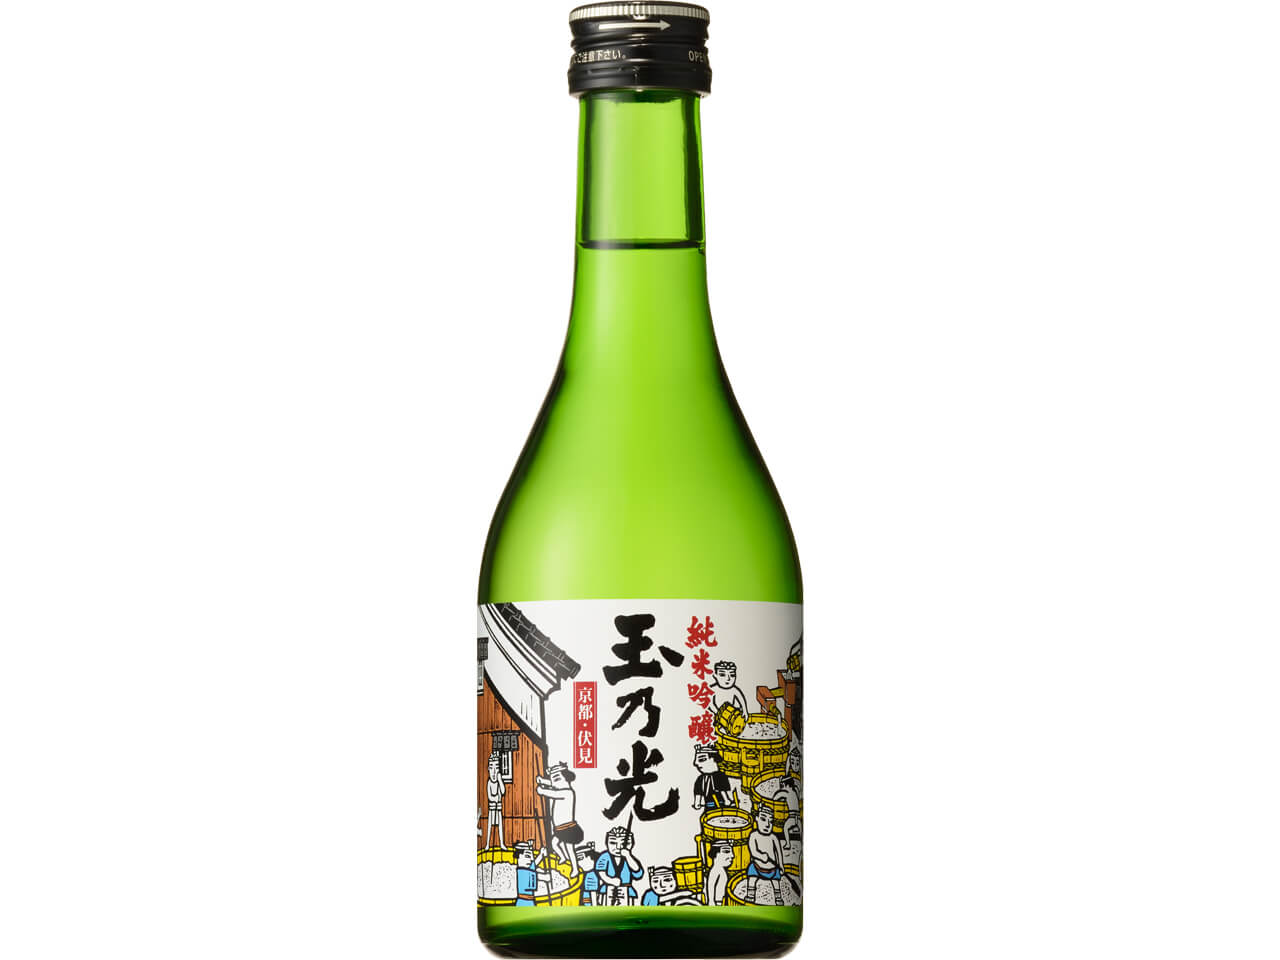 Tamano Hikari Reizo Shu Junmai Ginjo Sake